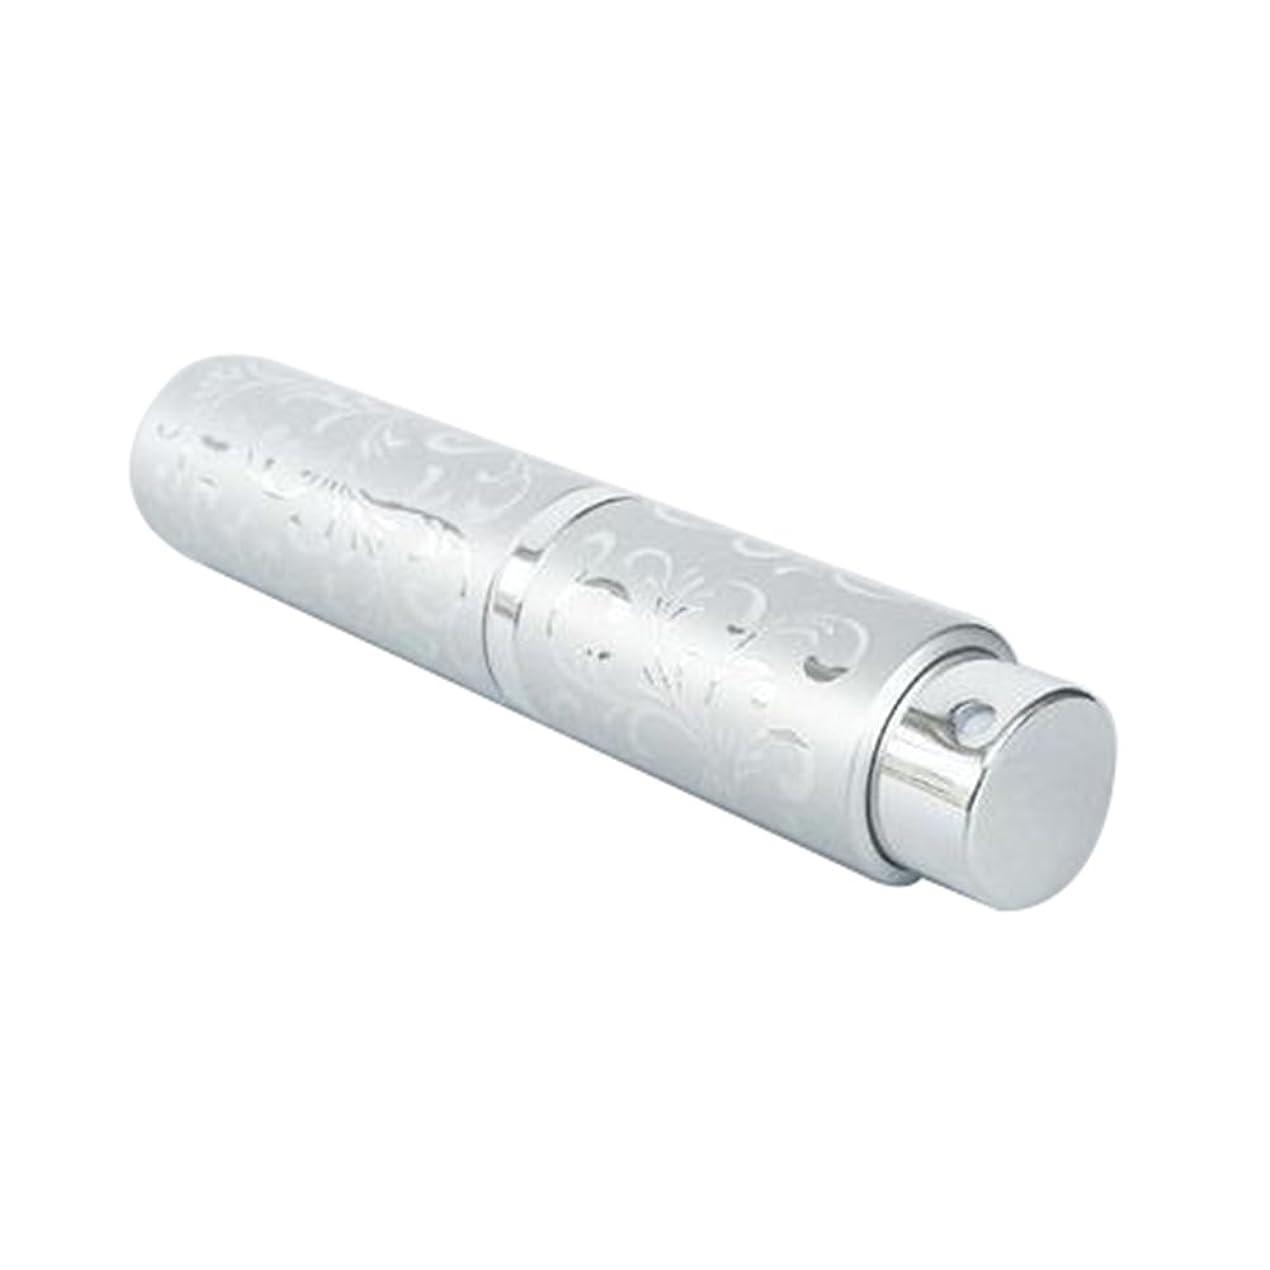 冗談で決して複製Ling 香水ボトル 香水瓶 化粧水 アトマイザー 詰め替え容器 携帯用 軽量 便利 (シルバー)